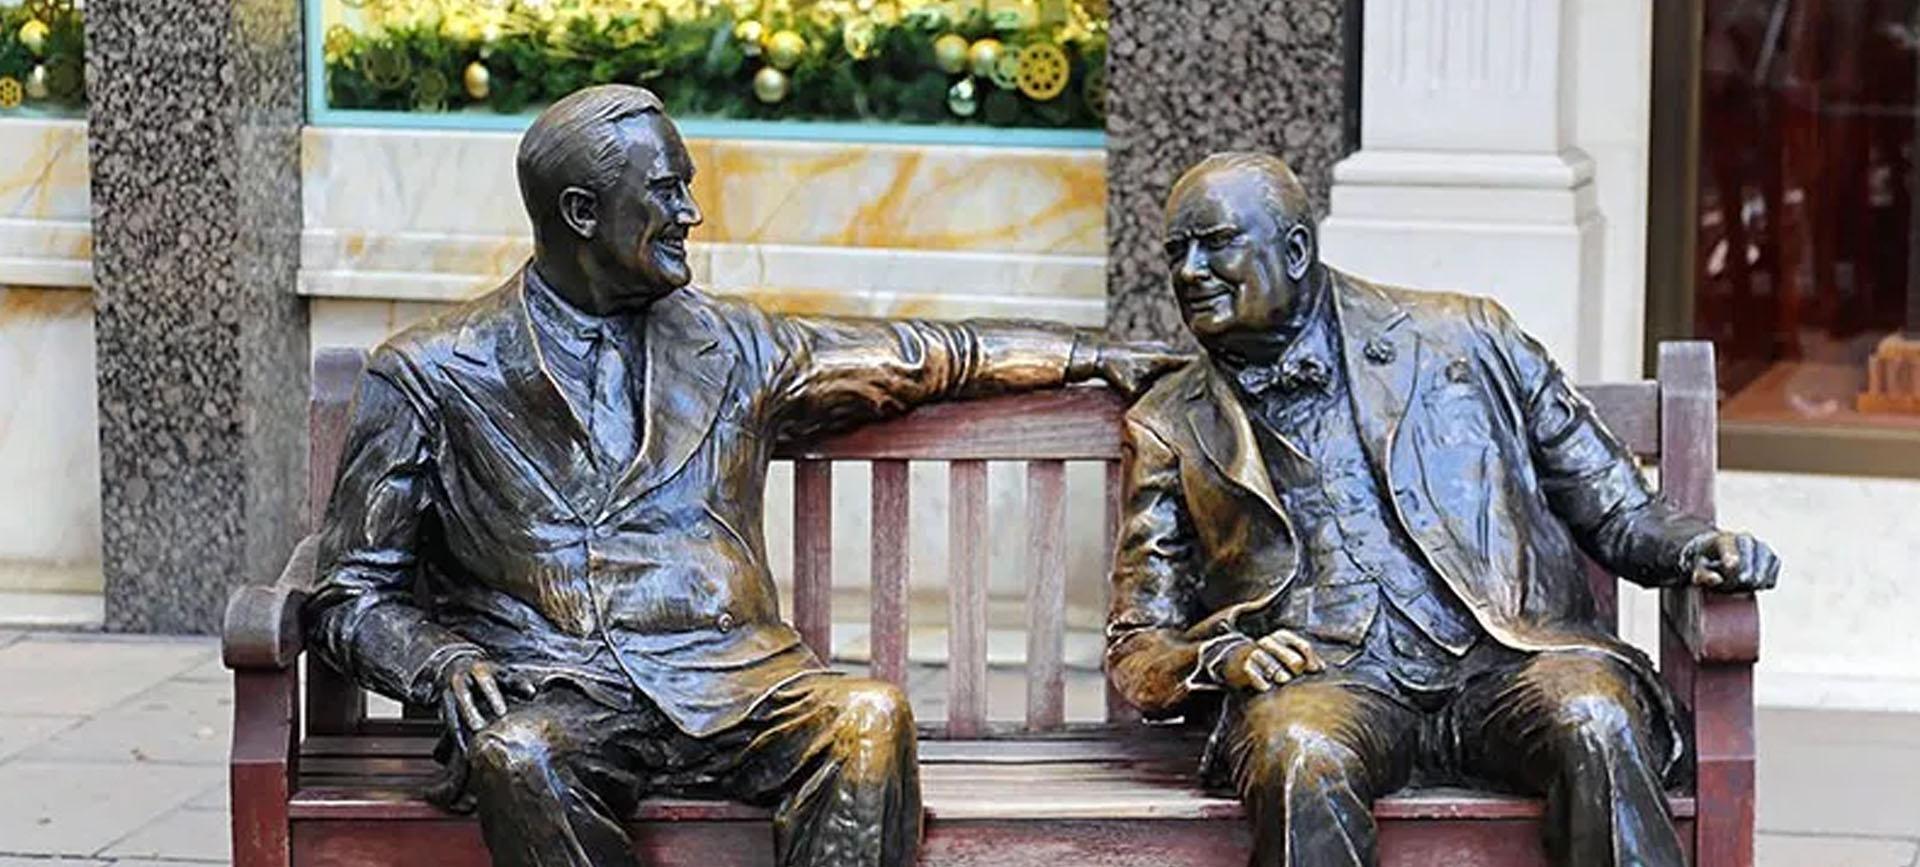 allies statue